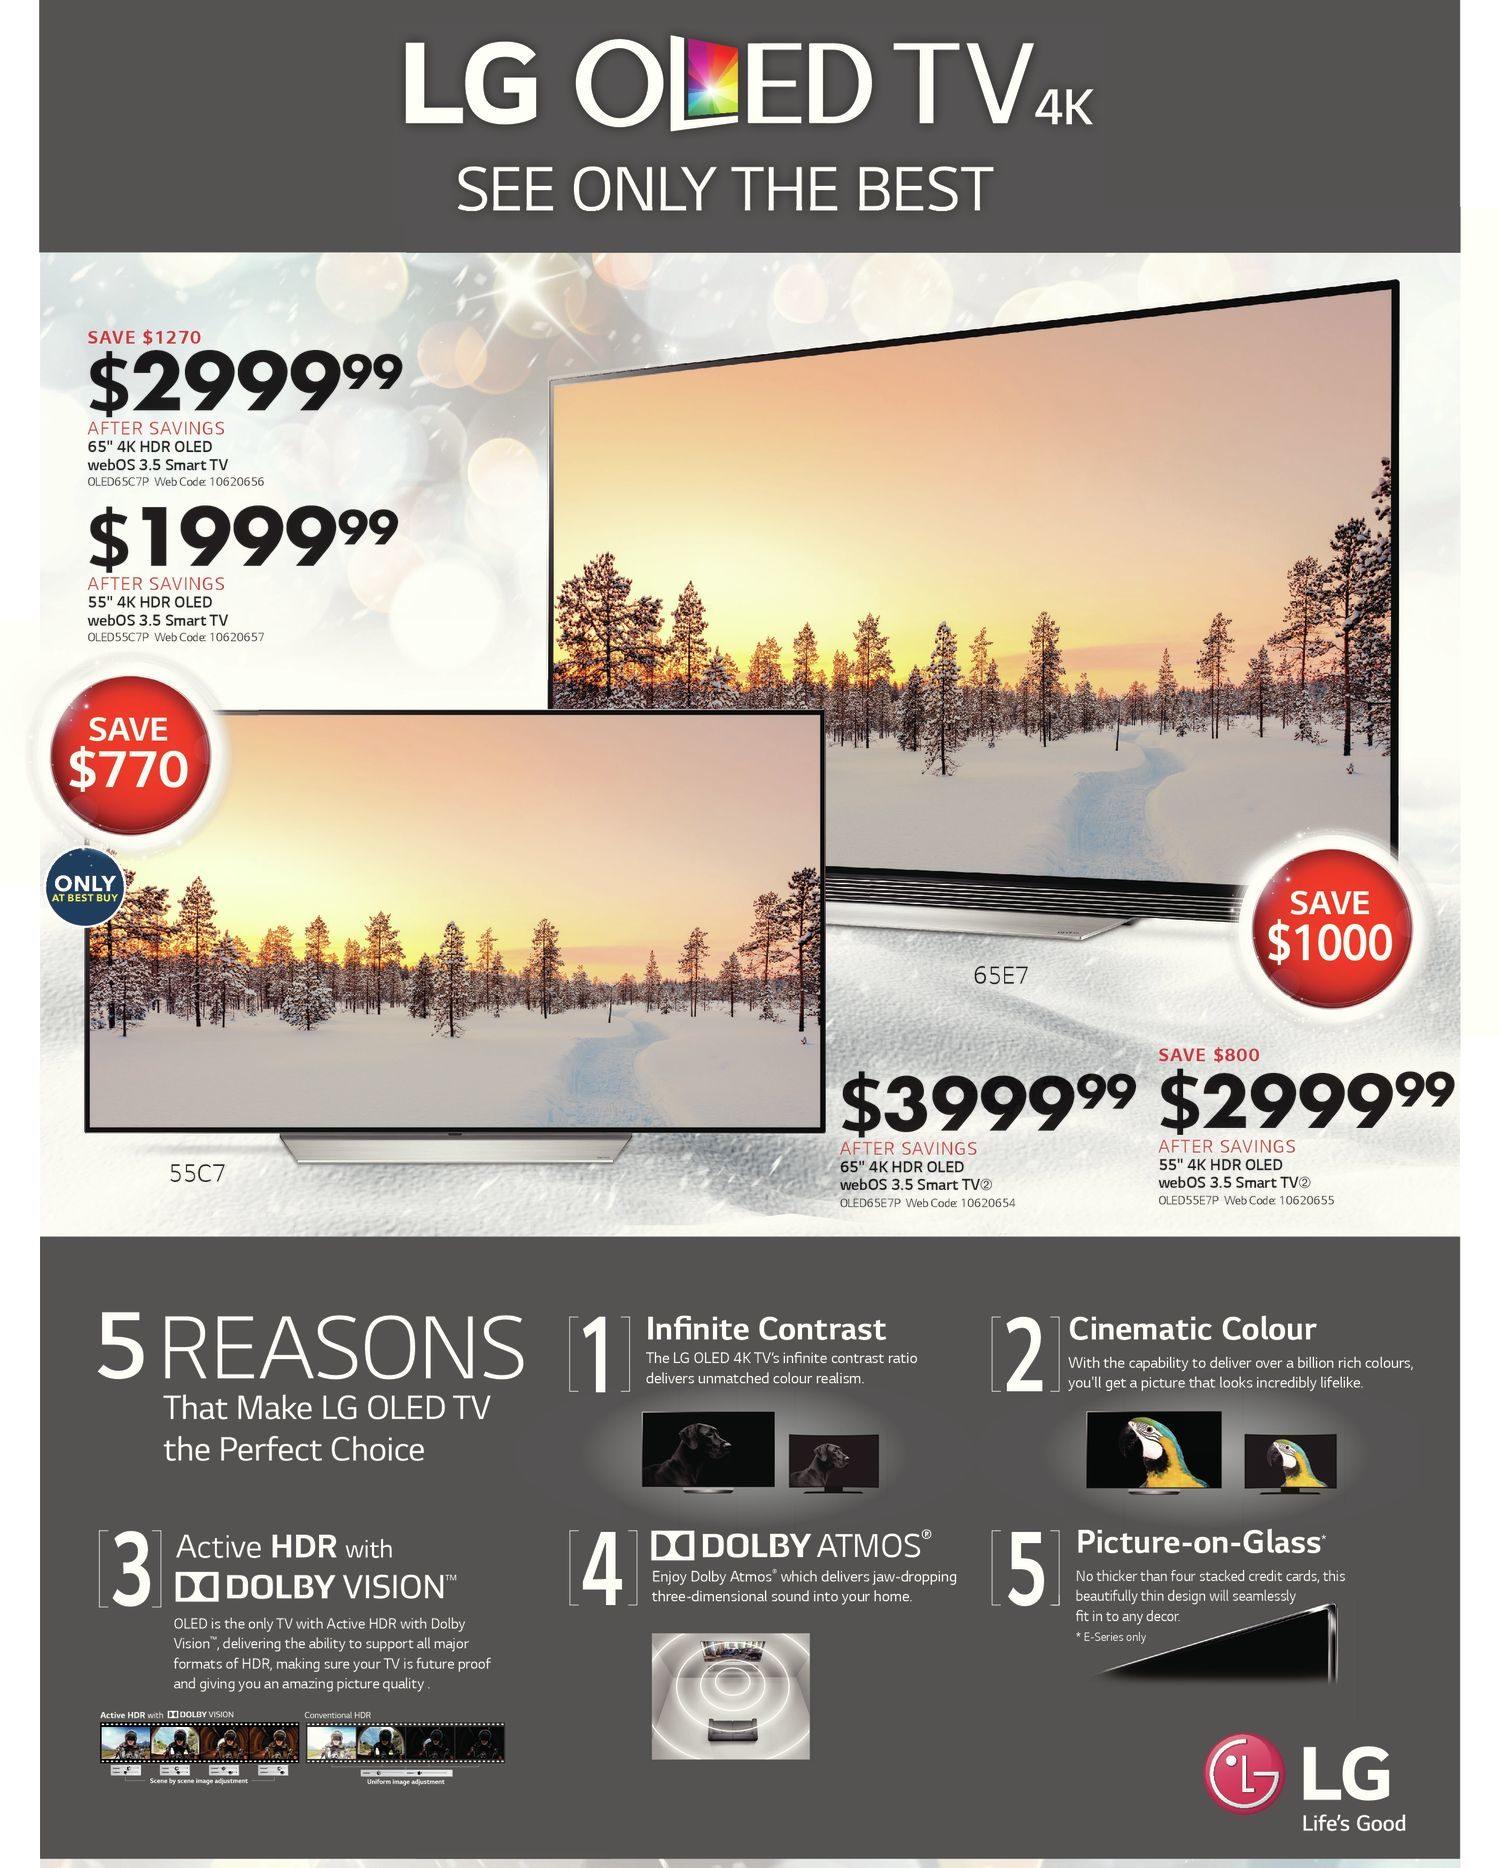 Best Buy Weekly Flyer - Boxing Day Sale - Dec 25 – 28 - RedFlagDeals.com